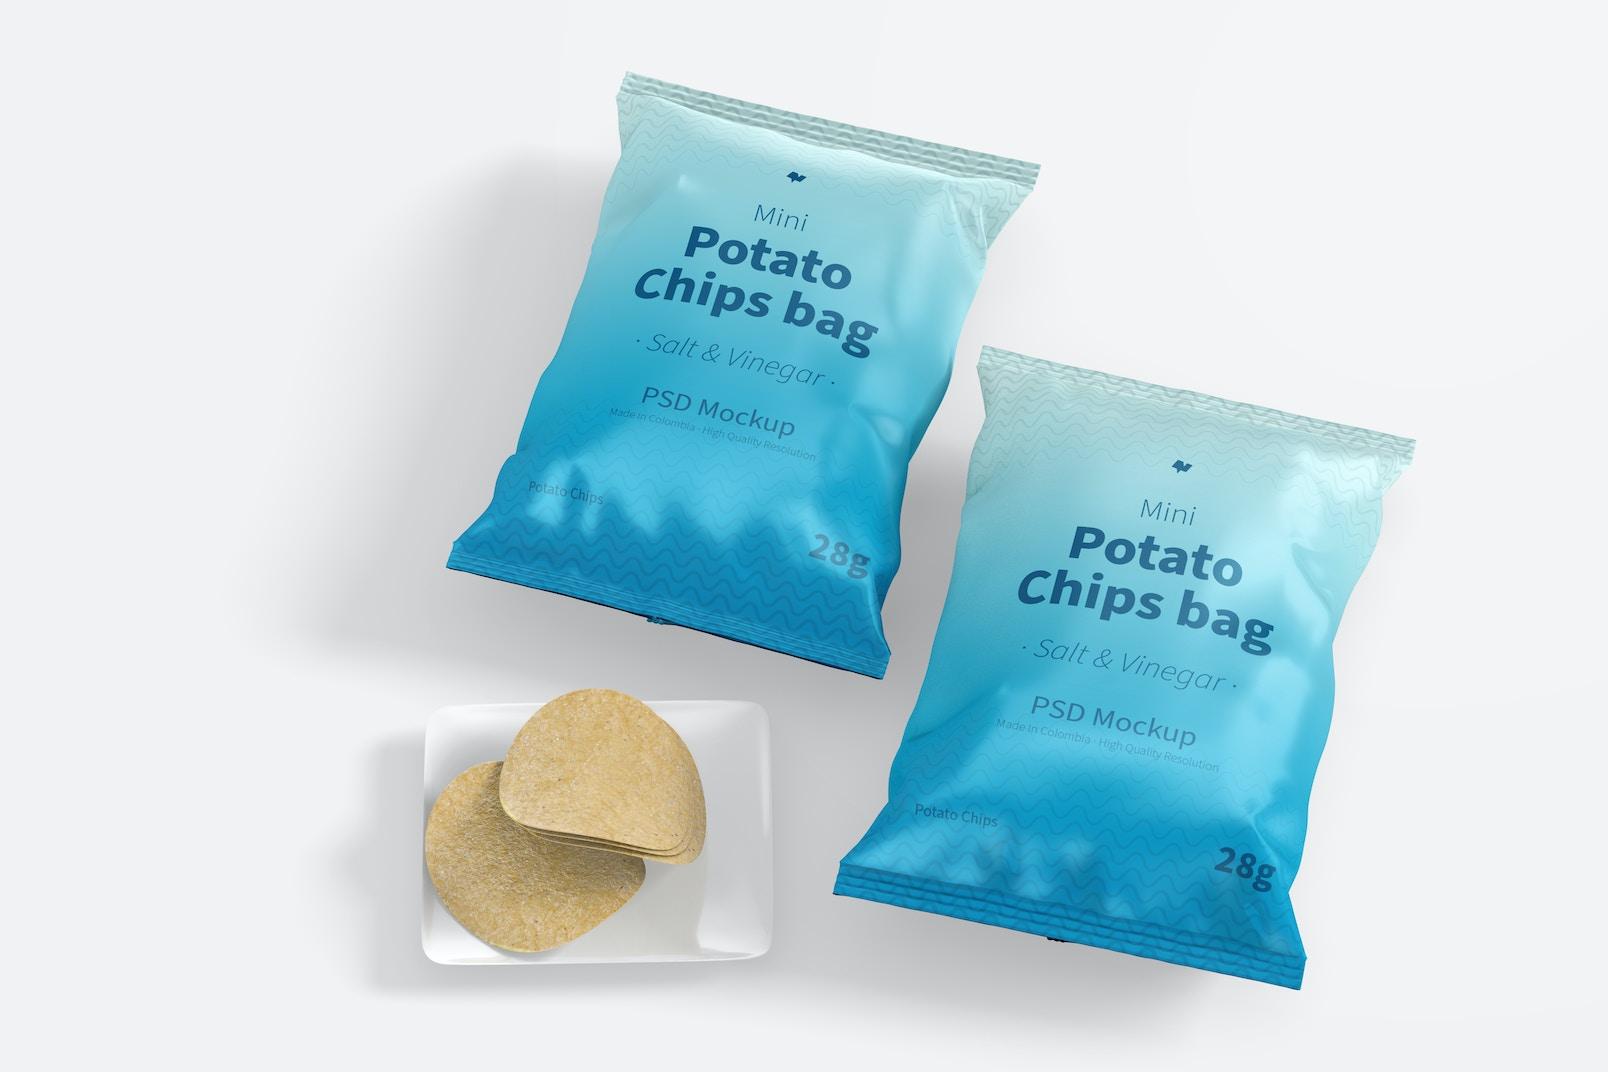 Mini Potato Chips Bags Mockup